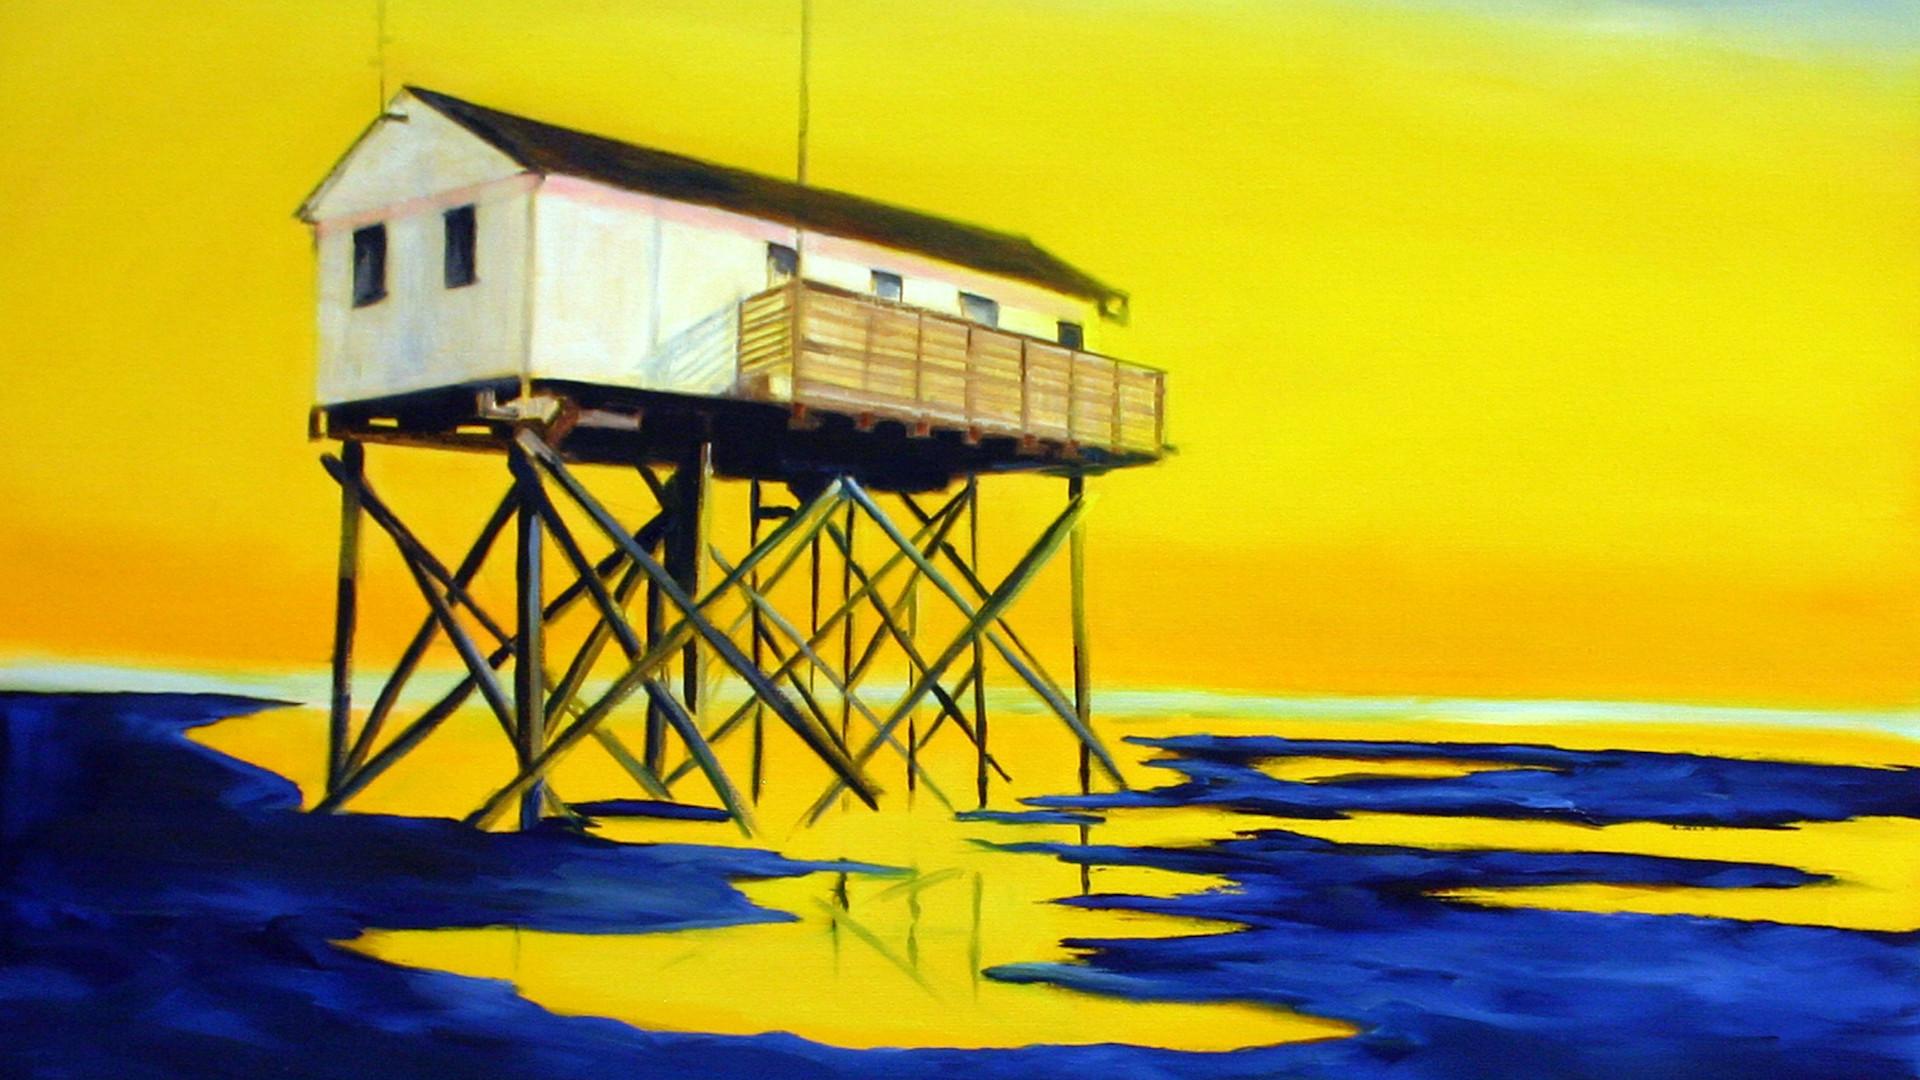 Anke_Gruss_house on the strand.jpg